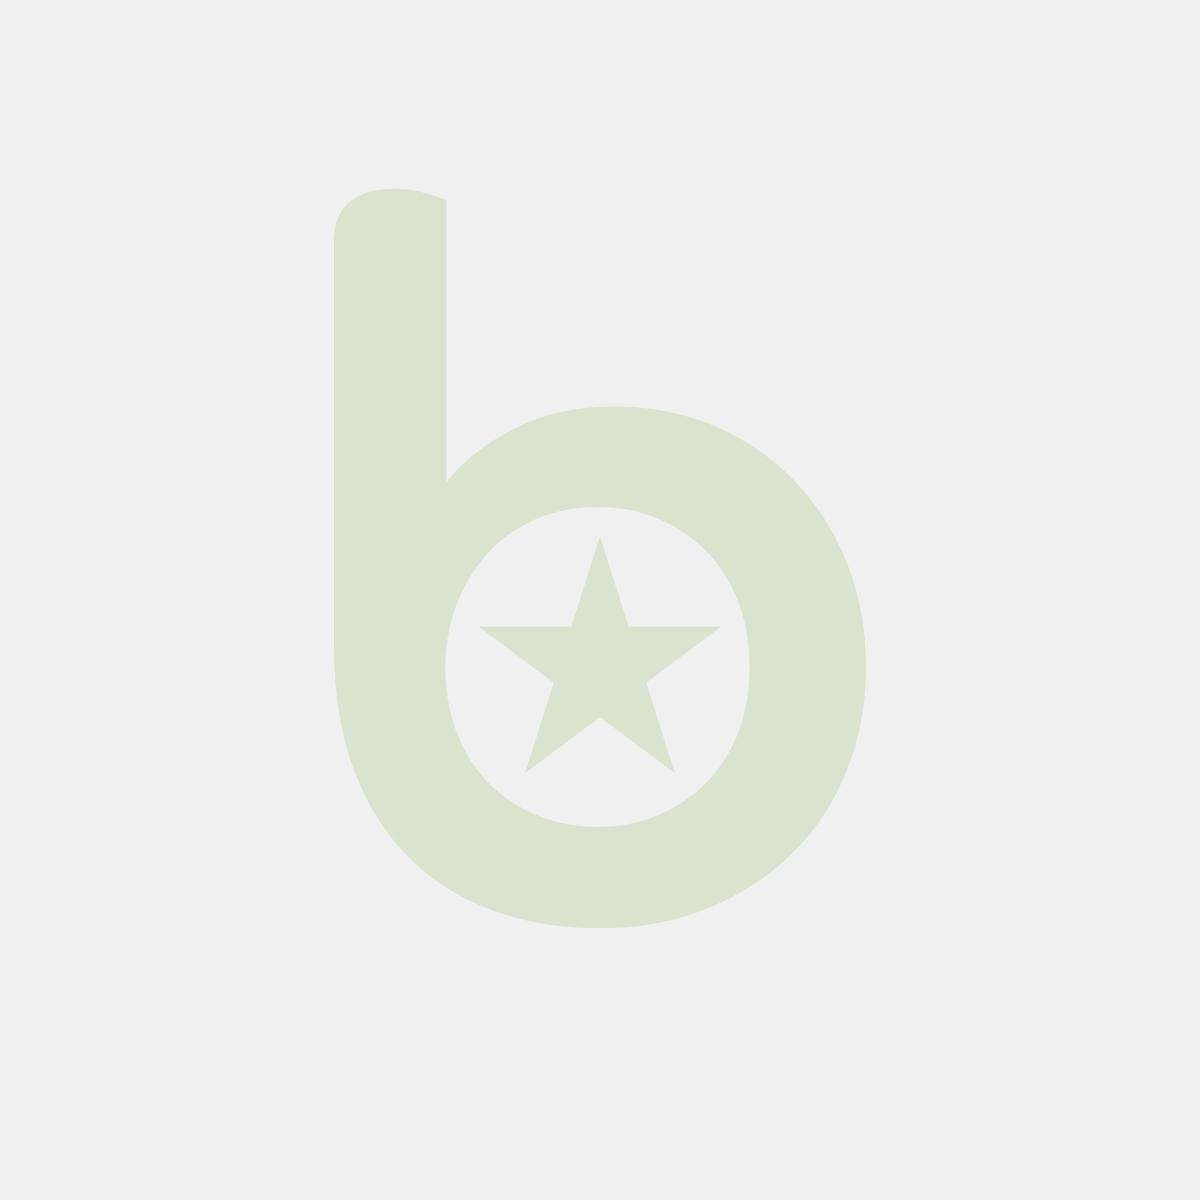 Łyzeczka COLOR czarny , cena za opakowanie 40szt